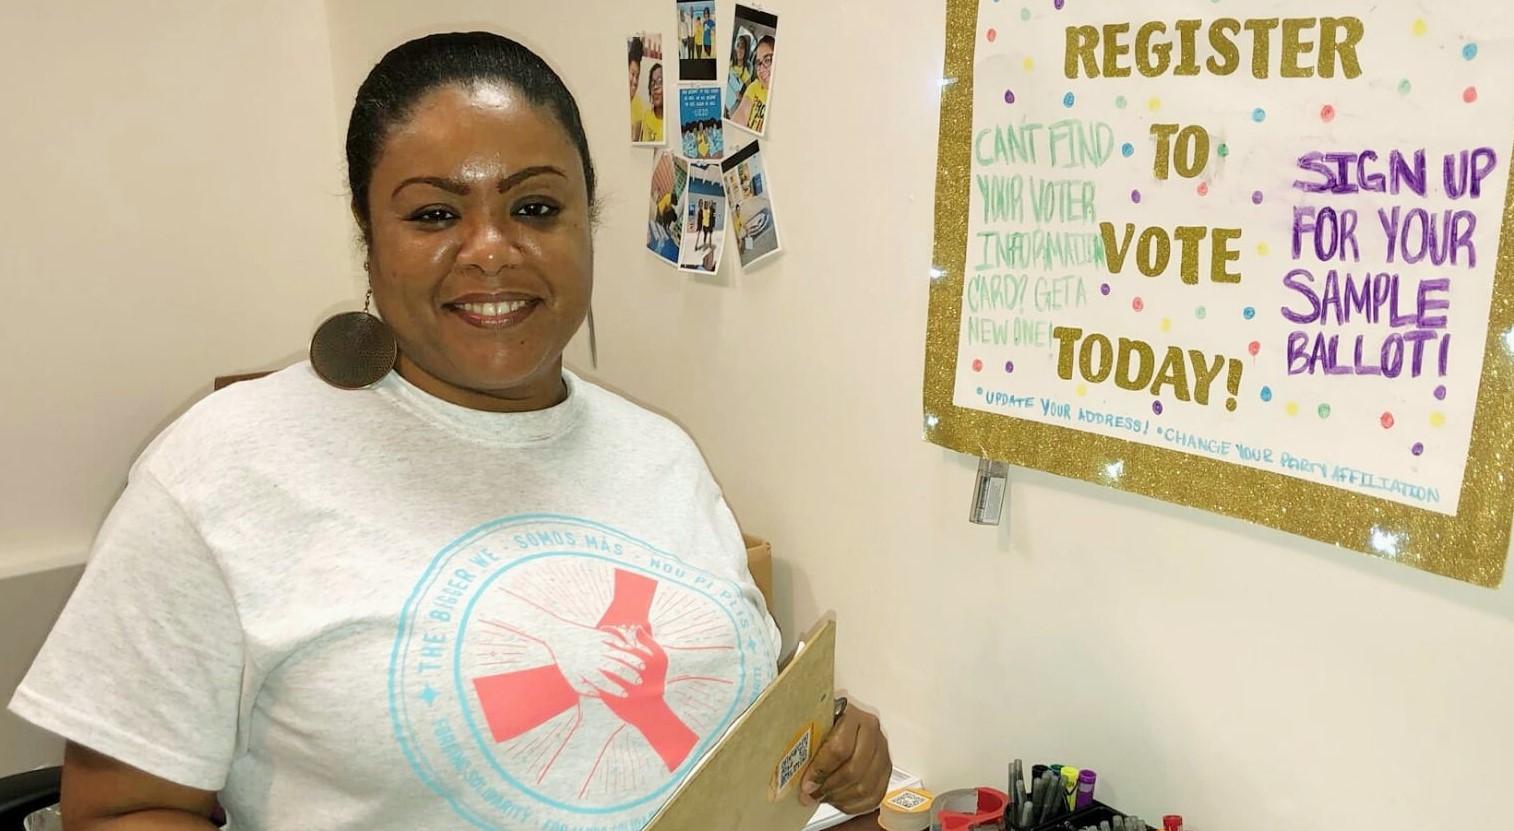 Marie Farah Valérie Larrieux à Fort Lauderdale (États-Unis) où elle coordonne une campagne d'engagement civique pour toute la région Broward.